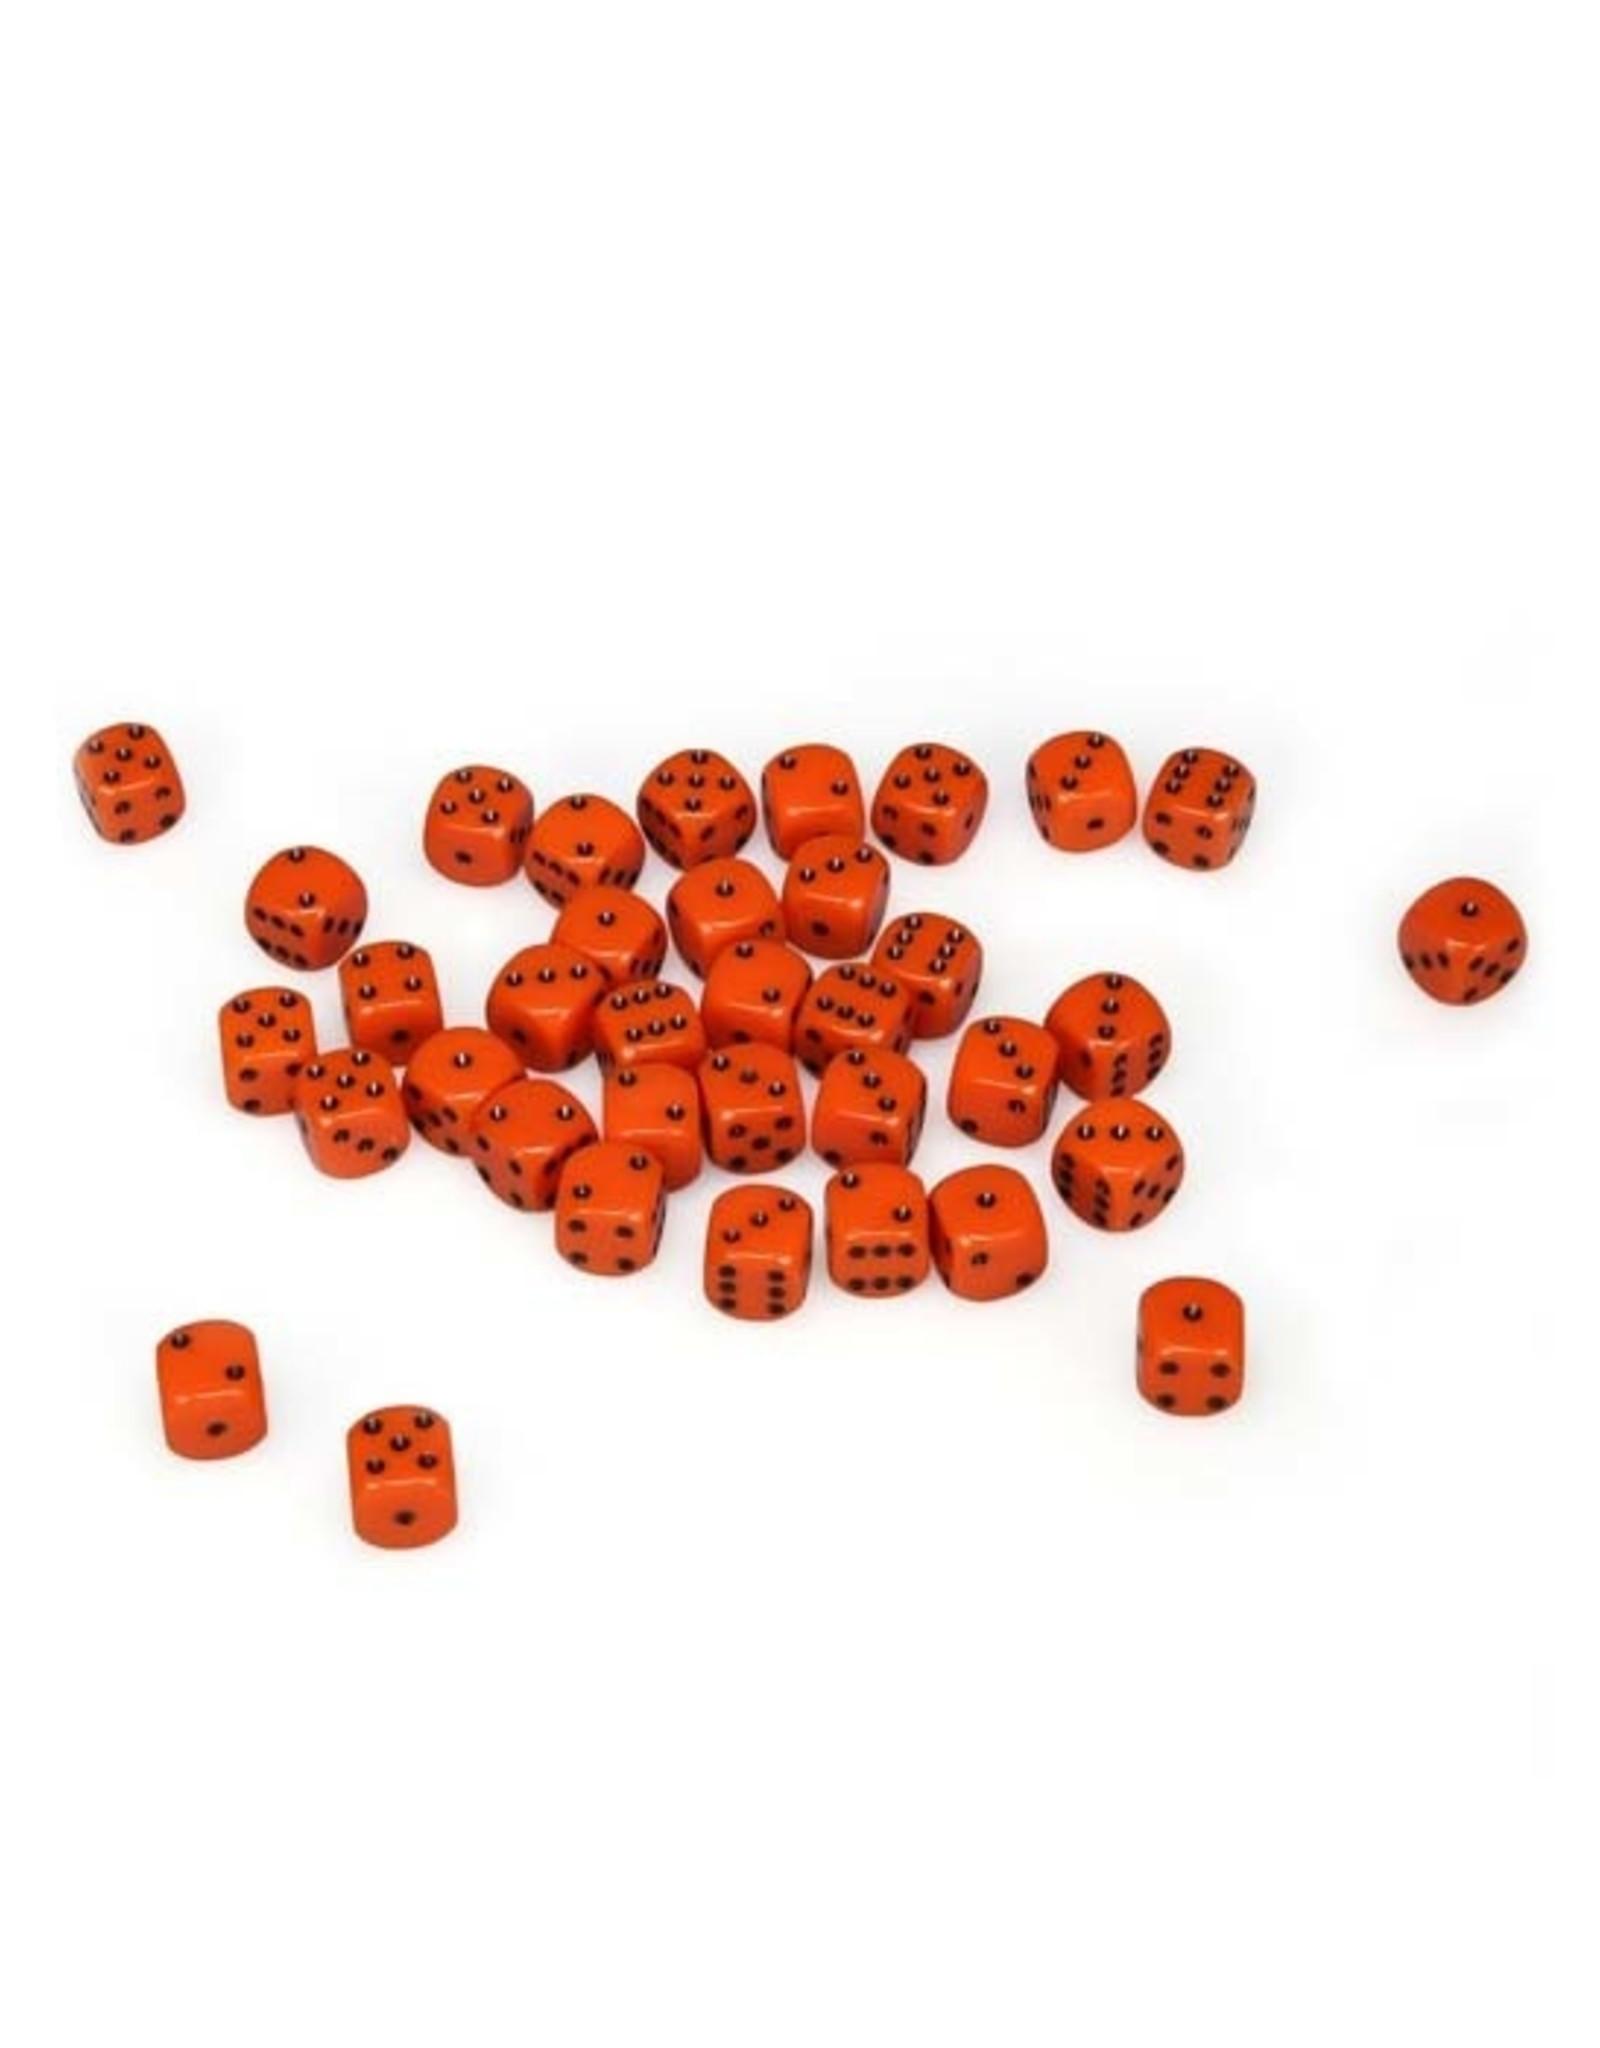 Chessex Chessex: 12mm D6 - Opaque - Orange w/ Black